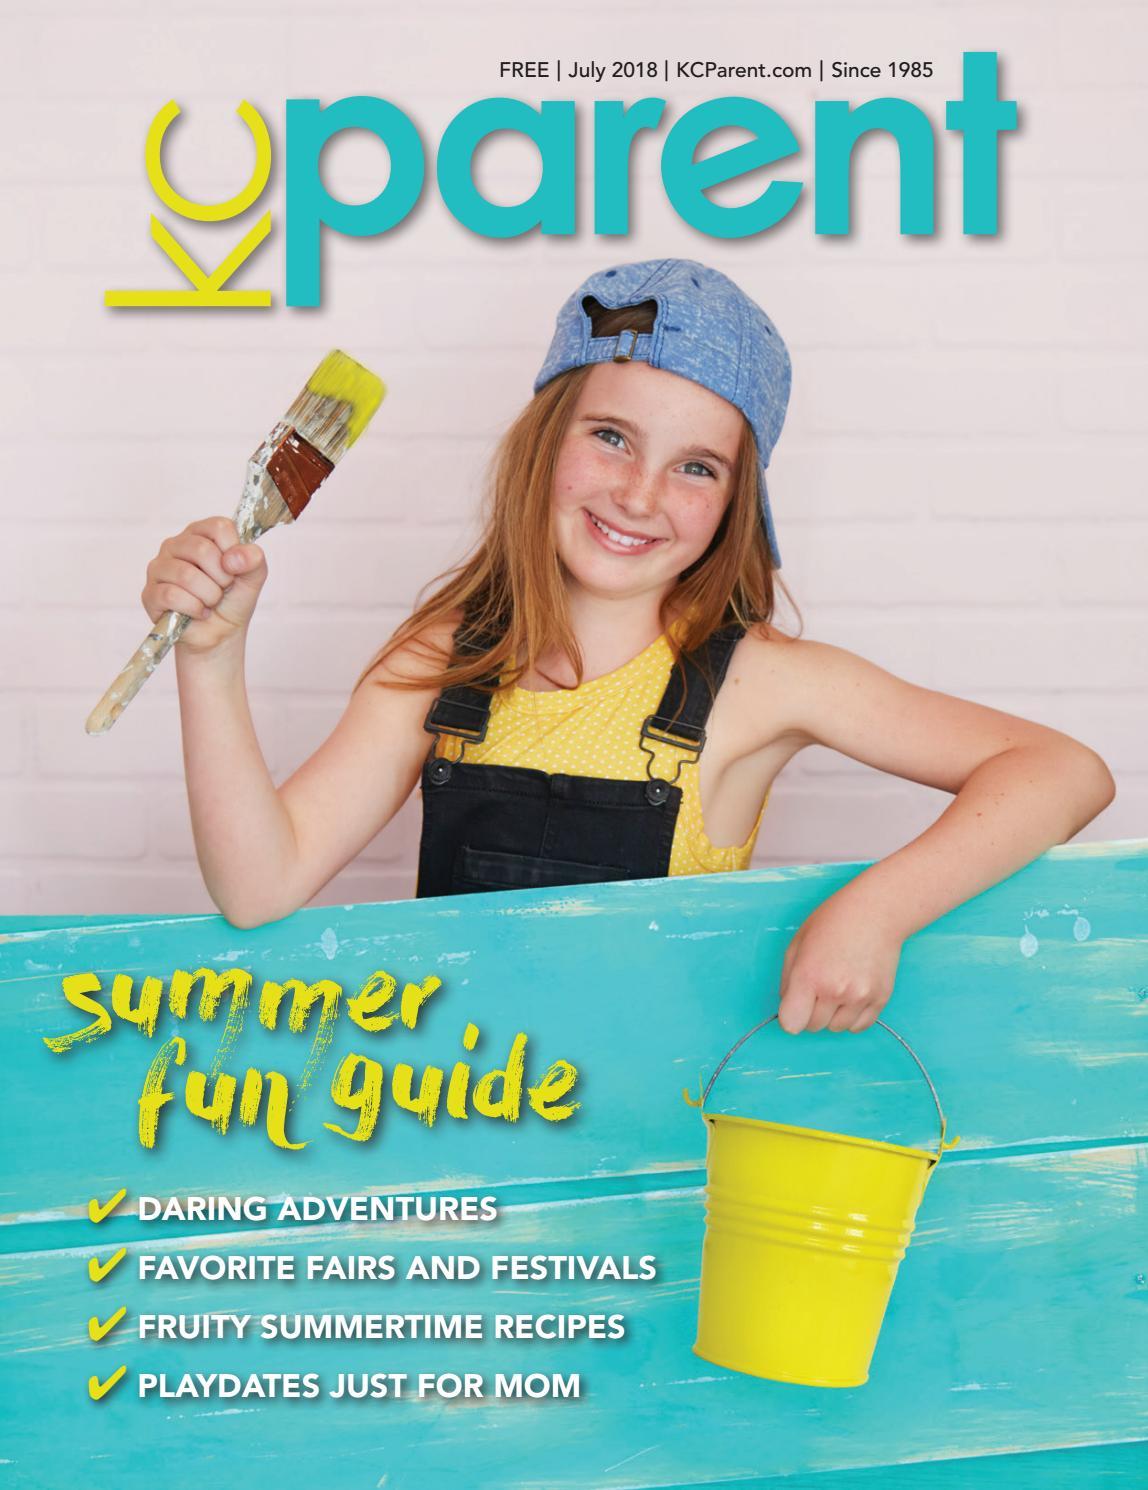 KC Parent Magazine July 2018